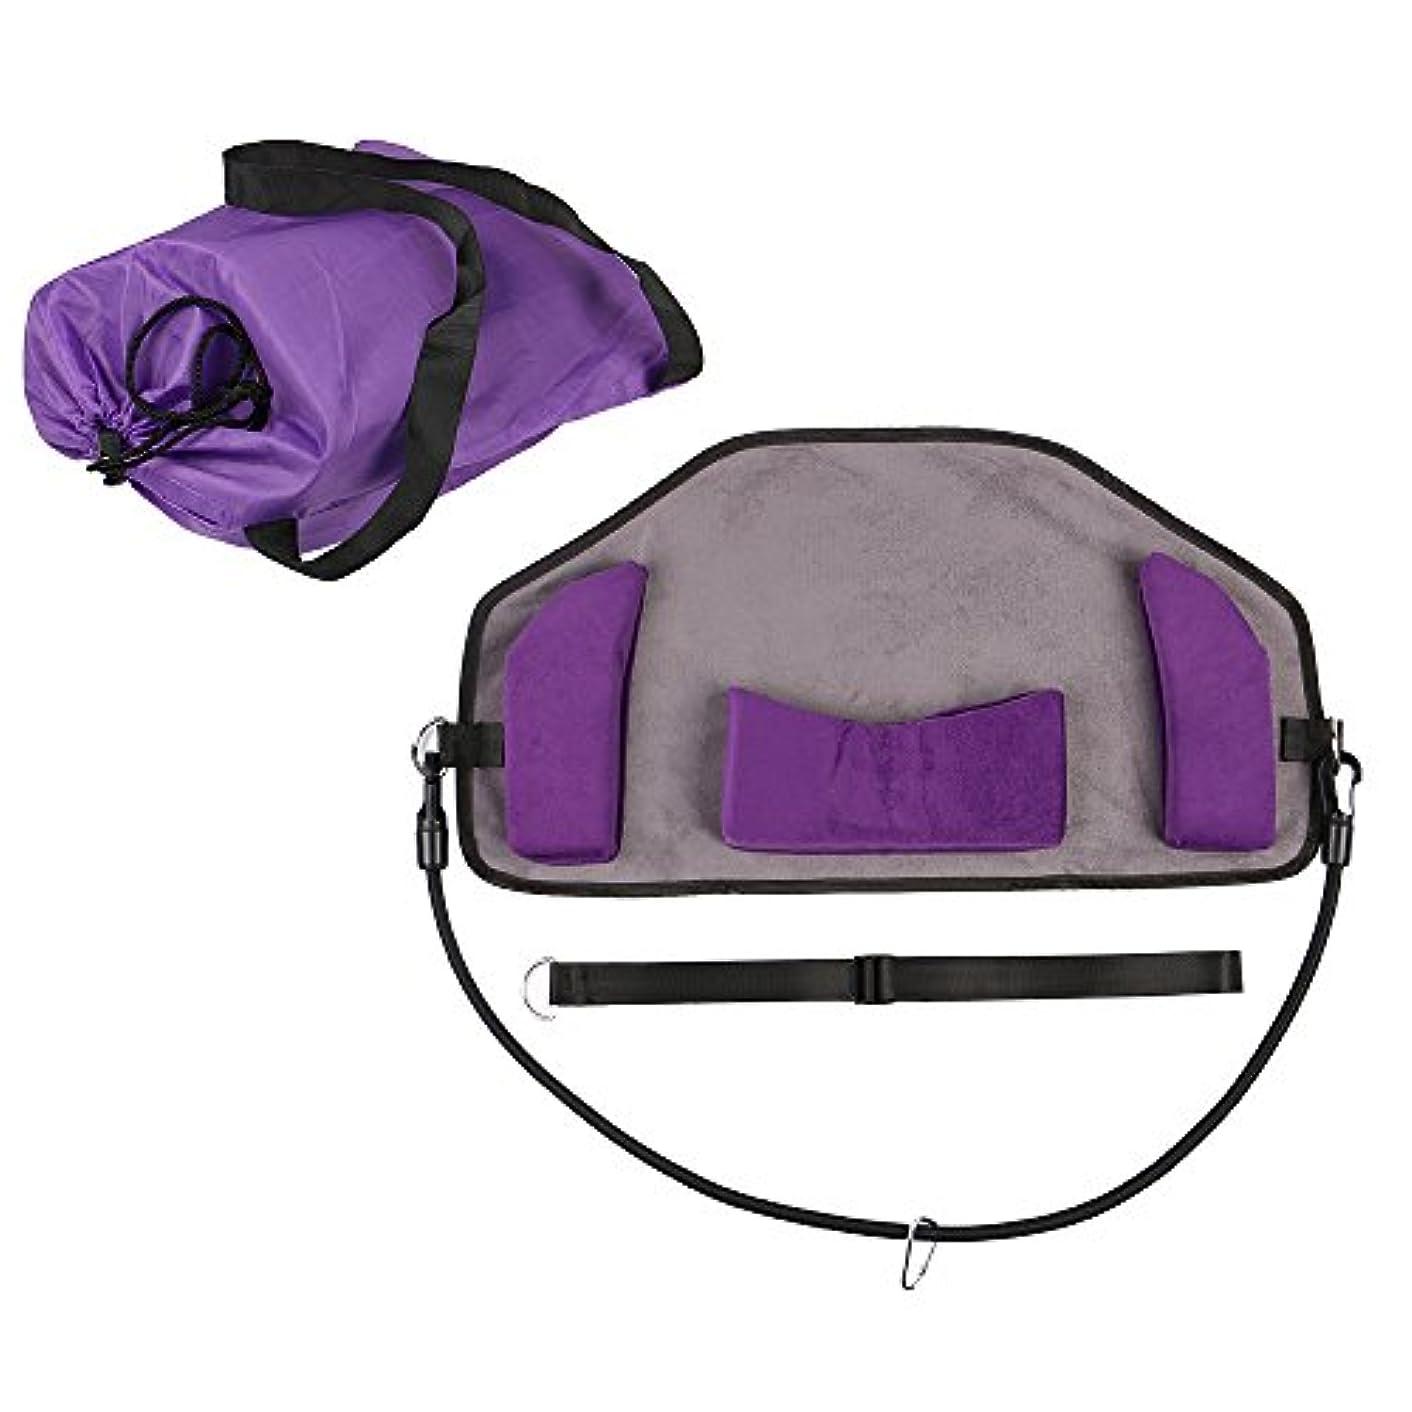 ネックハンモックネックペイントリリーフのためのより良いハンモックポータブルと調節可能なネックストレッチャーあなたの疲れを速やかに解消 (紫の)